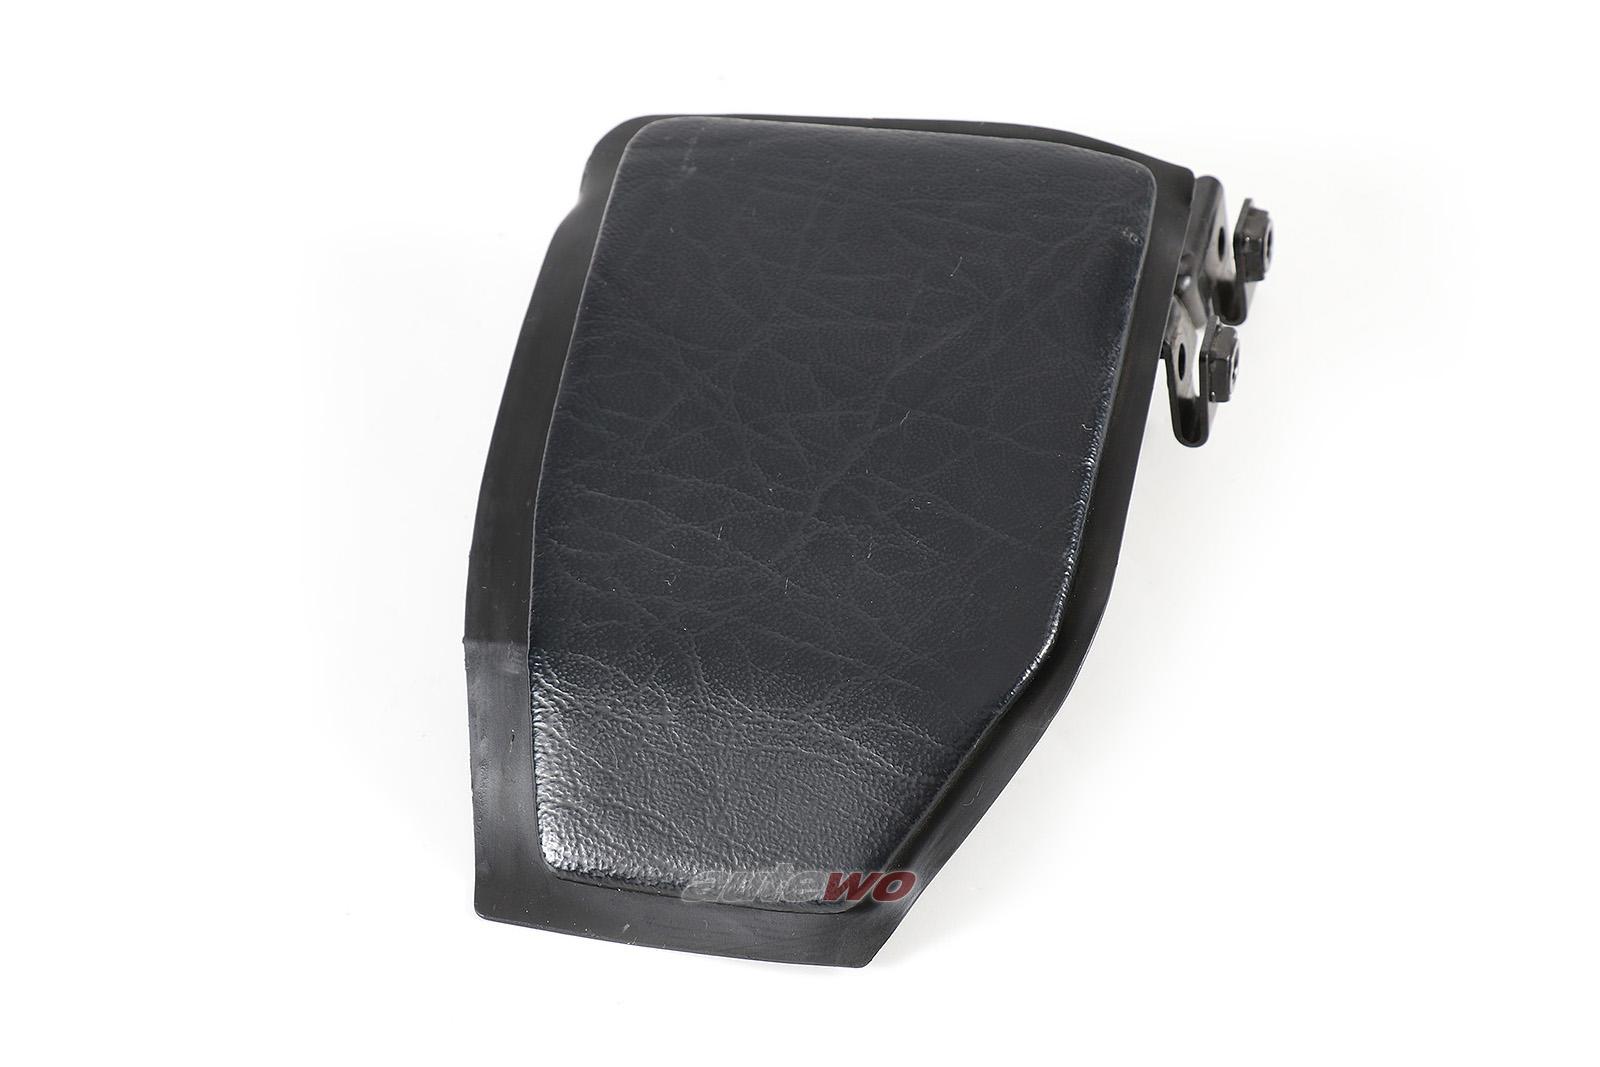 8G0868582C Audi 80 Typ 89 Cabriolet Verdeckkastenabdeckung Rechts schwarz